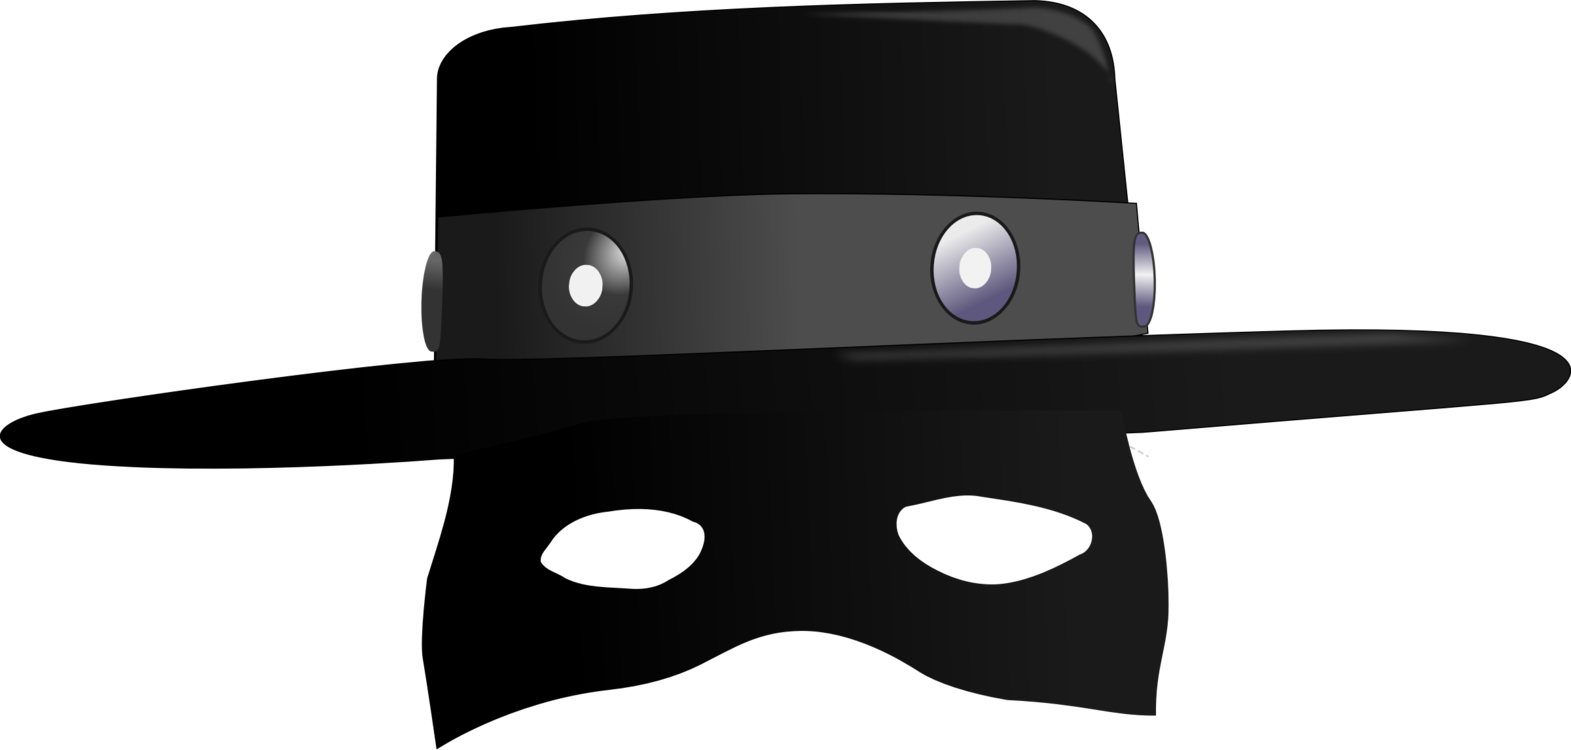 Zorro clipart banner freeuse download Headgear,Zorro,Hat Vector Clipart - Free to modify, share ... banner freeuse download